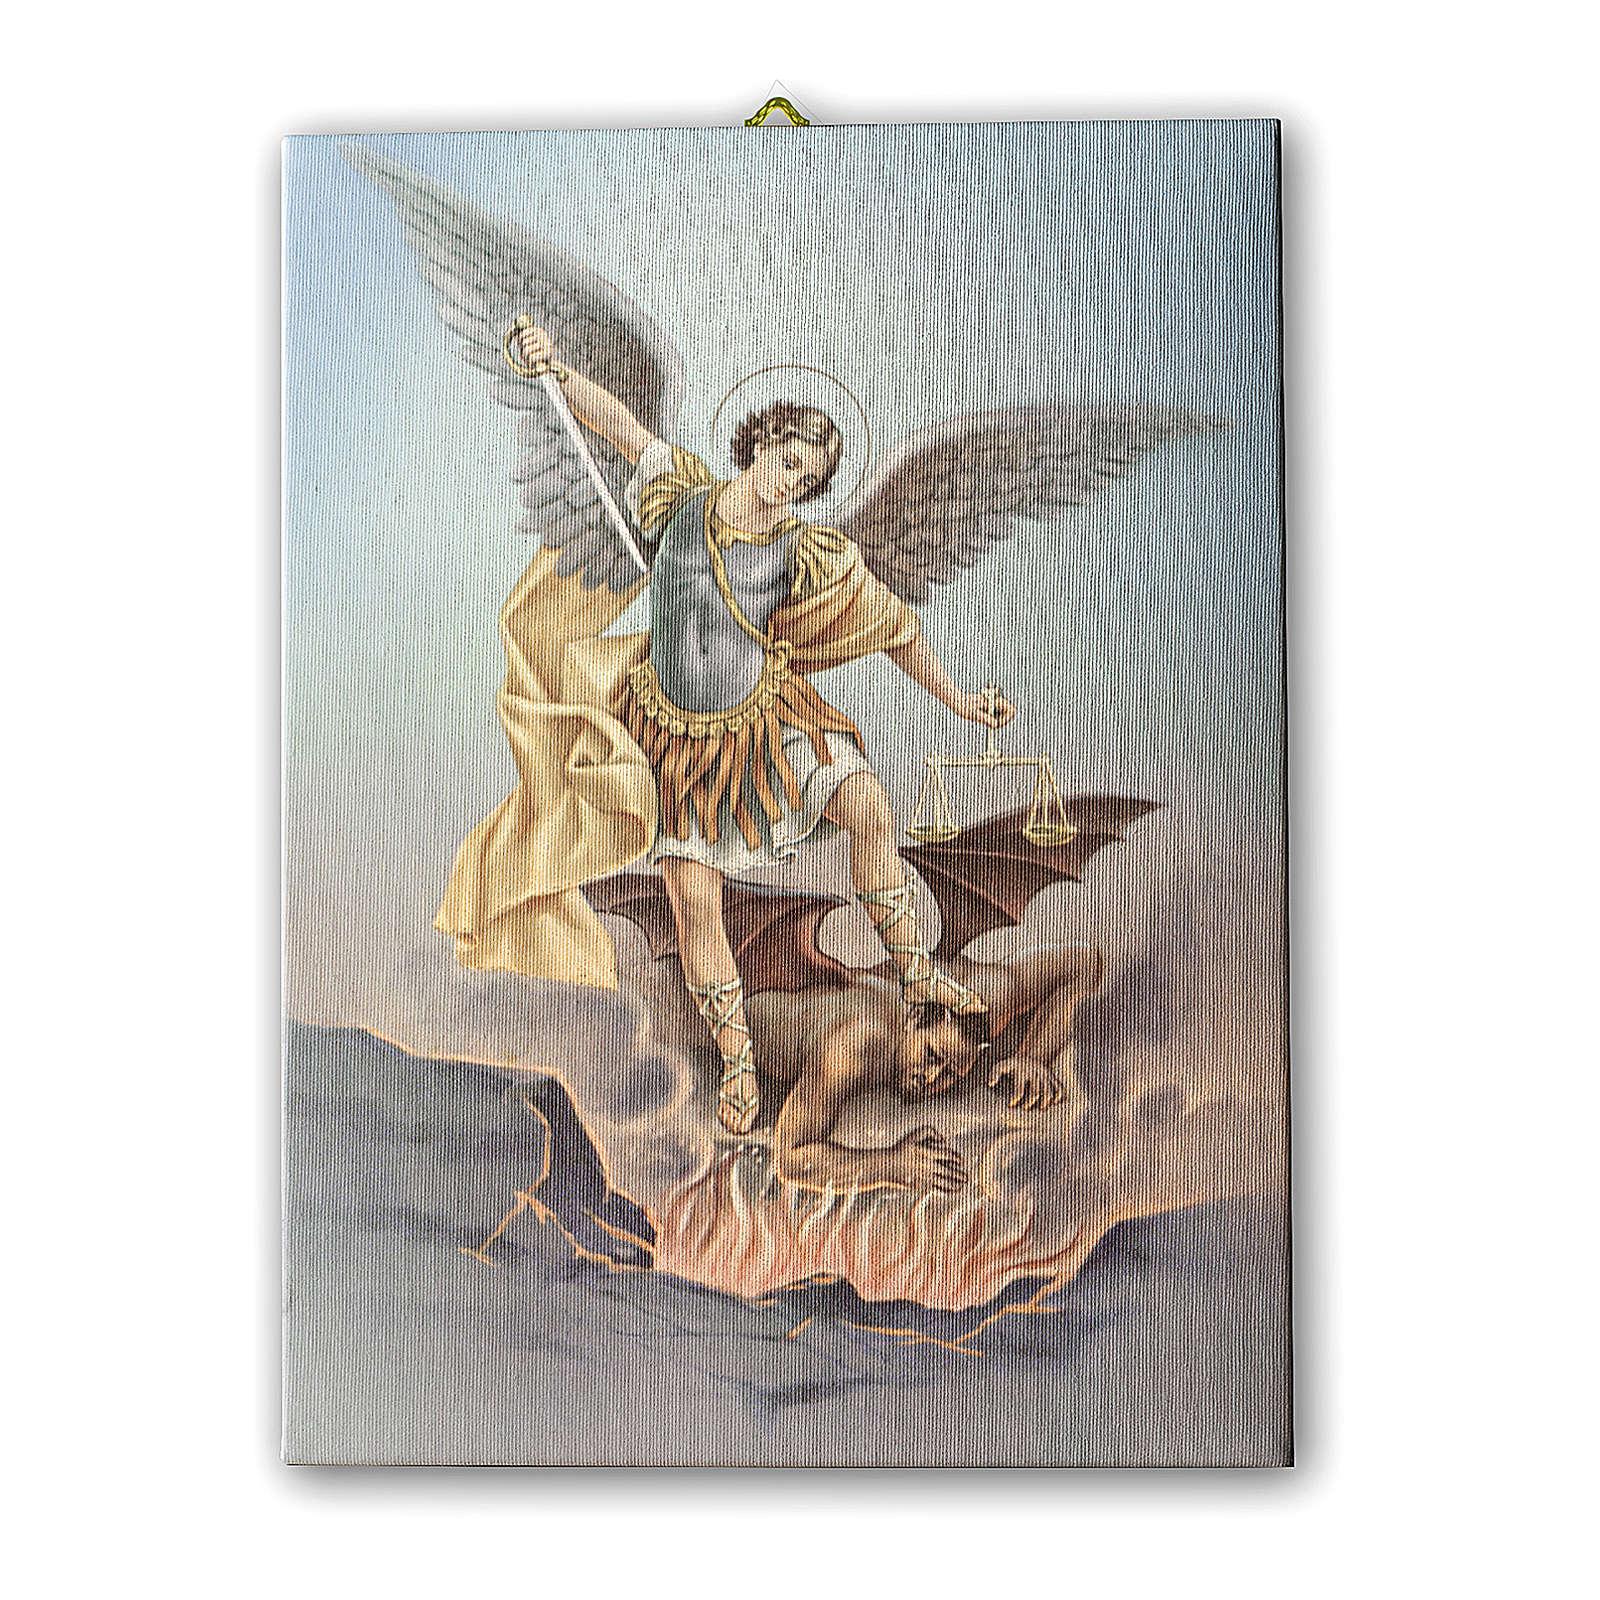 Painting on canvas Saint Michael Archangel 40x30 cm 3